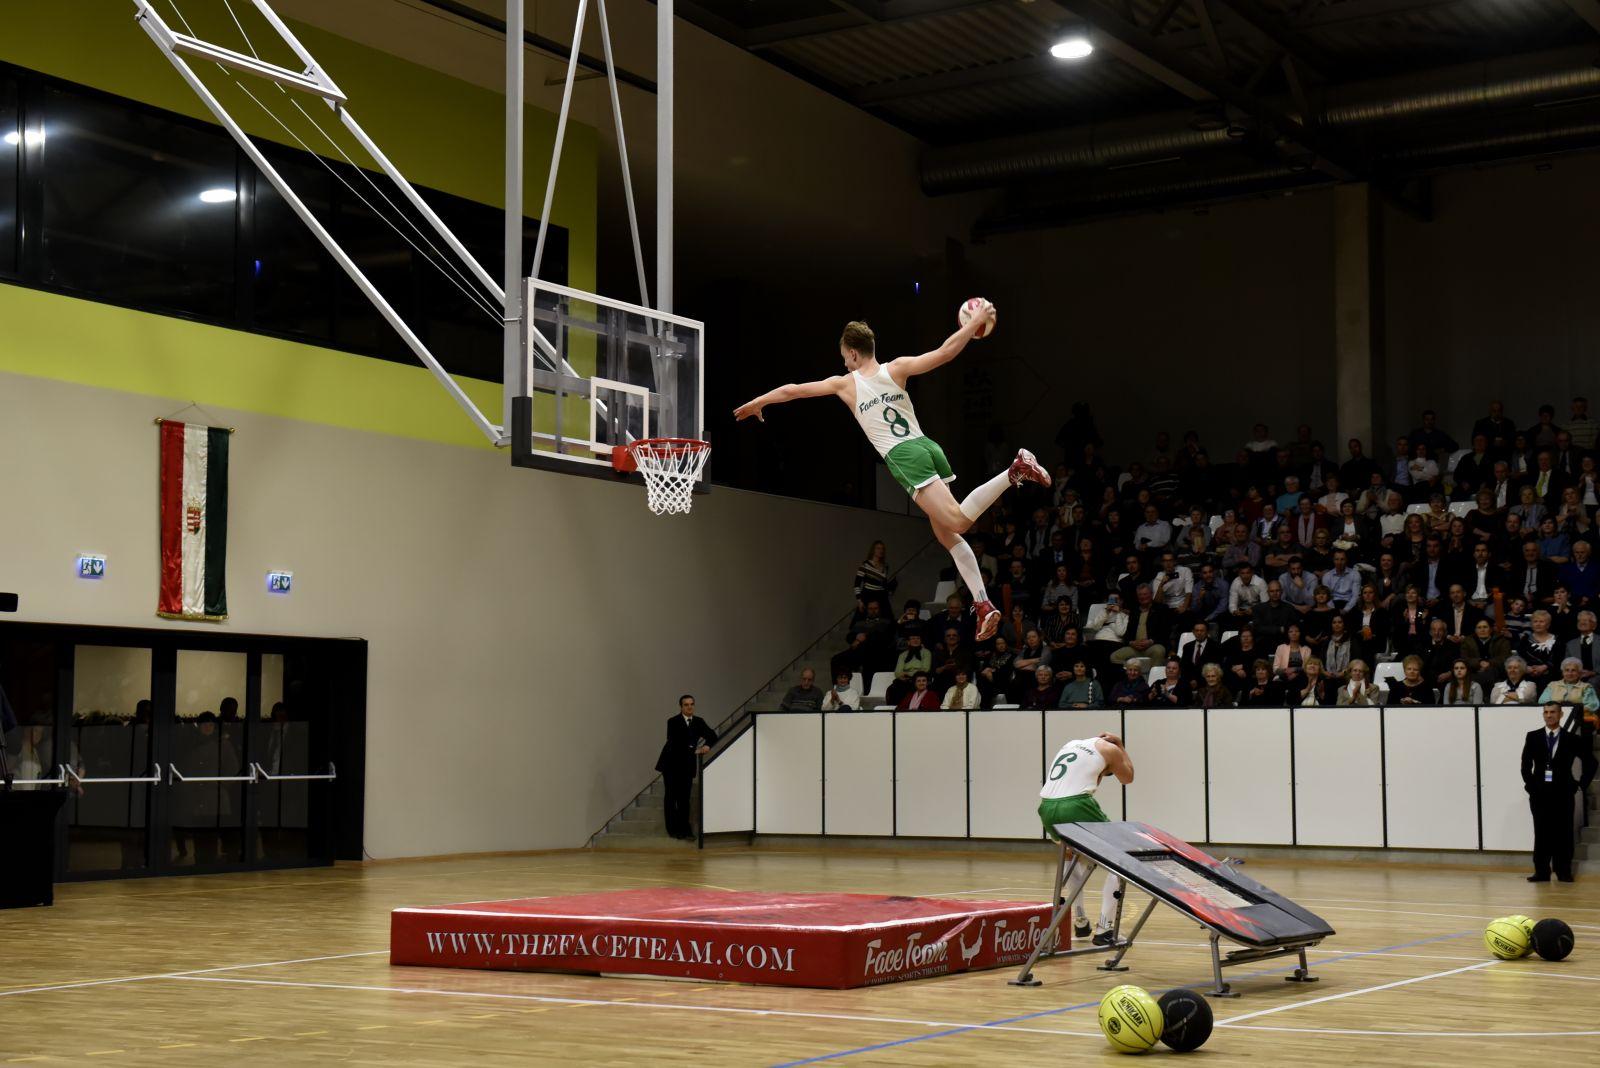 Sportcsarnokot avattak Monoron - számolt be róla a Magyar Távirati Iroda is